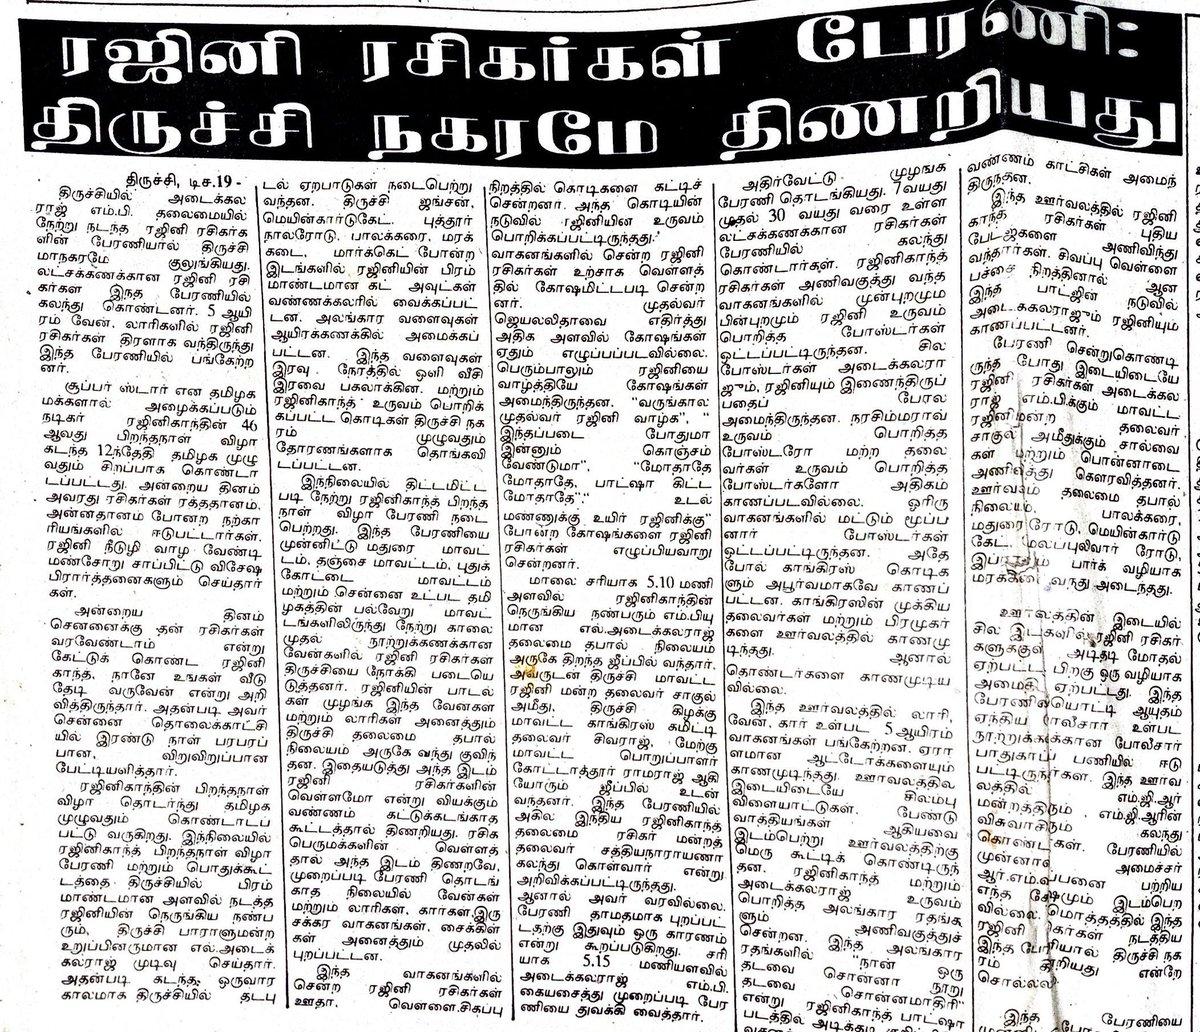 1995ம் ஆண்டு திருச்சியில் பறந்த தலைவரின் கொடி 🇭🇺  #HBDSuperstarRajinikanth #அரசியலுக்கு_வாங்க_ரஜினி